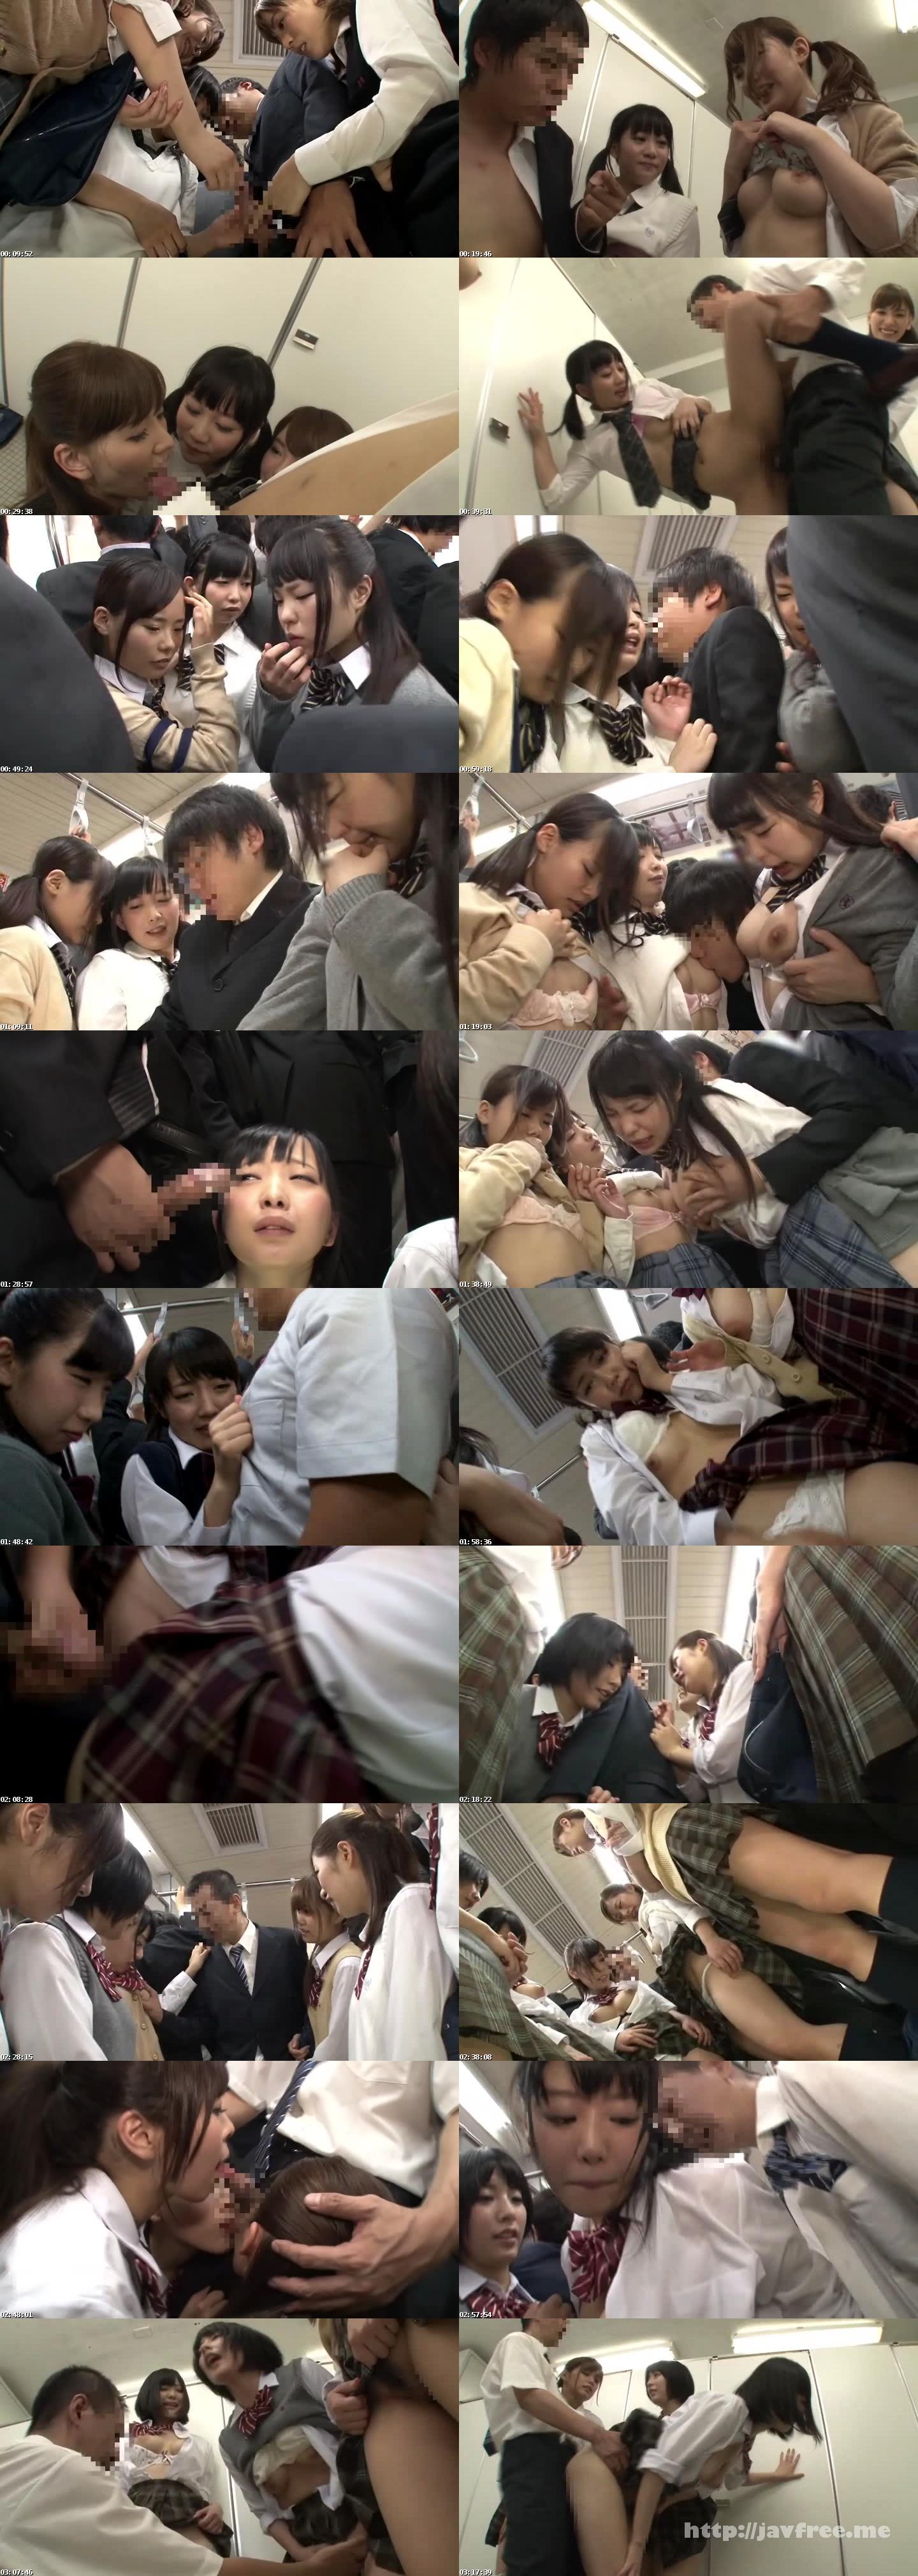 [HUNT 895] 満員電車で女子校生グループに身動きができないほど前後密着!10代の甘い香りにたまらず勃起してしまい、痴漢に間違われると思って焦っていたらまさかの勃起チ○ポに興味津々でからかいながらもヌイてくれた! HUNT